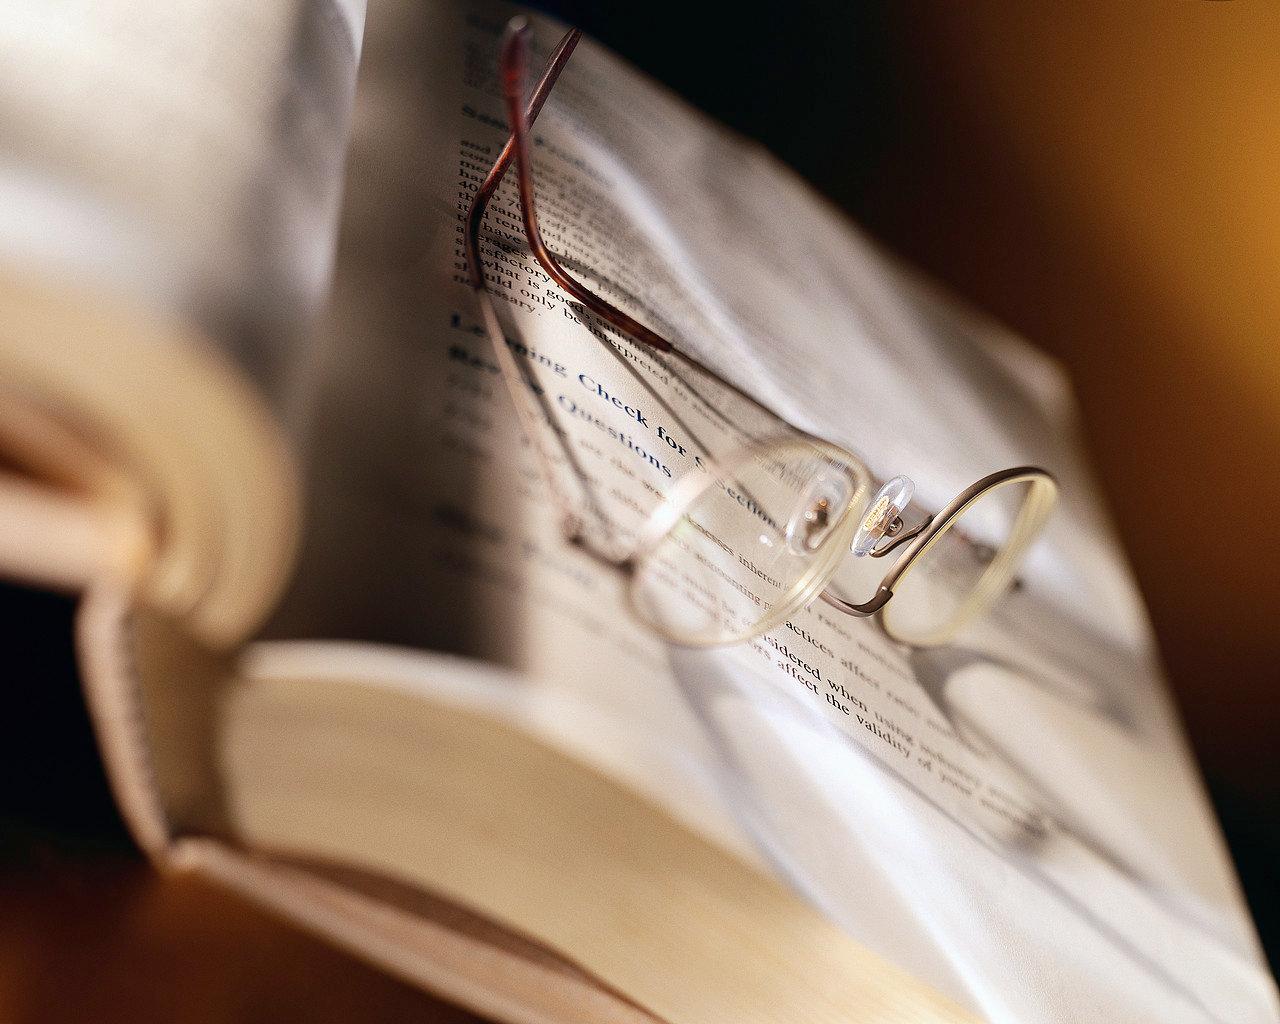 Concierge Book Marketing Plan